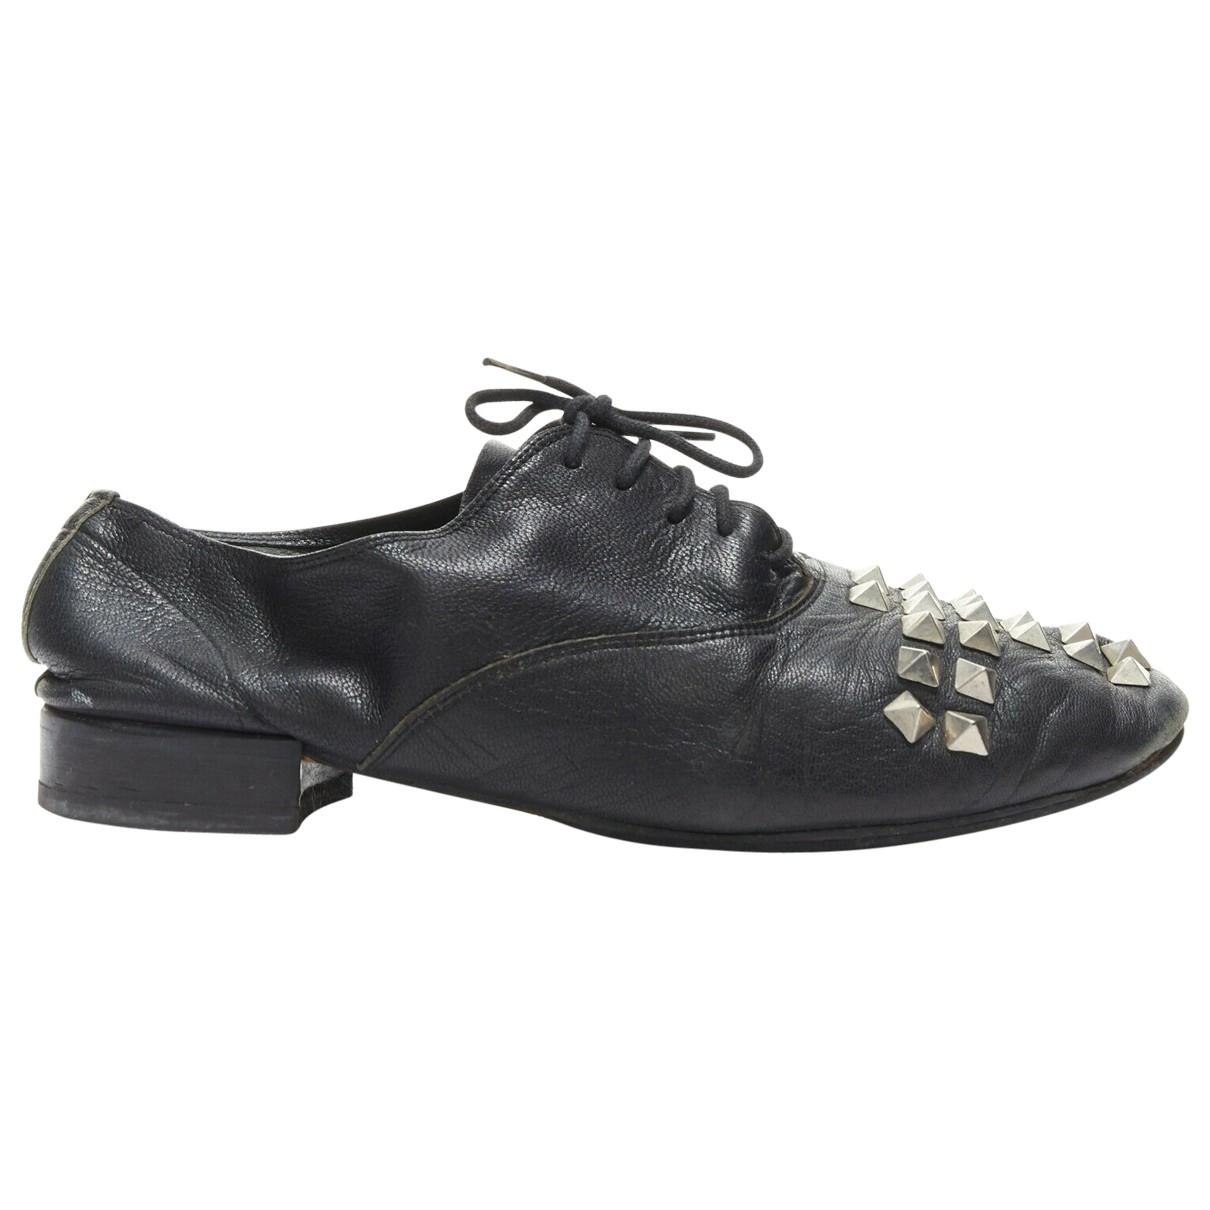 Comme Des Garcons \N Black Leather Lace ups for Women 37 EU